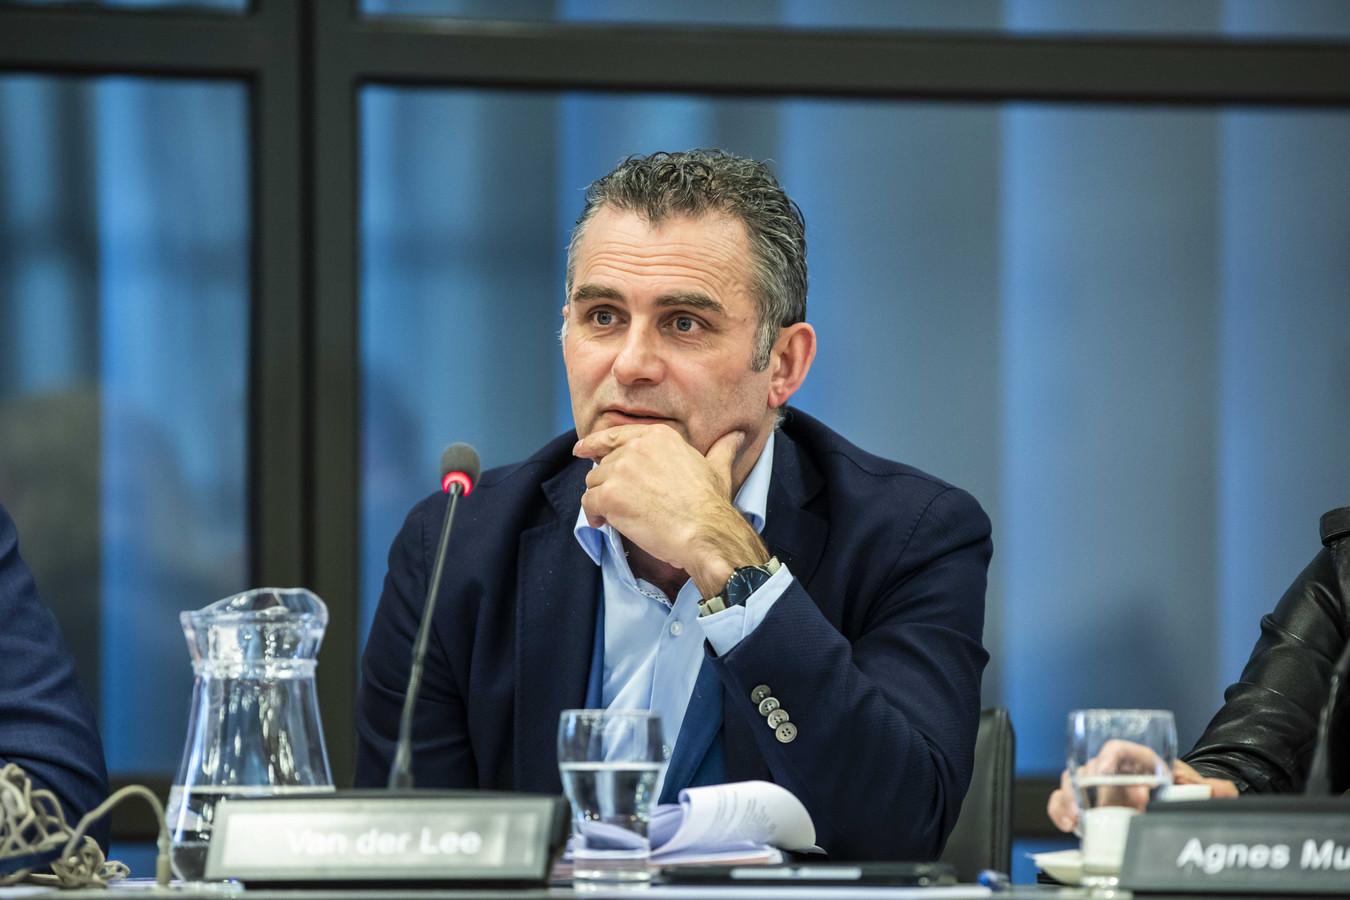 Tom van der Lee vorig jaar tijdens een hoorzitting over het Klimaatakkoord met de vaste Kamercommissie van Economische Zaken en Klimaat.